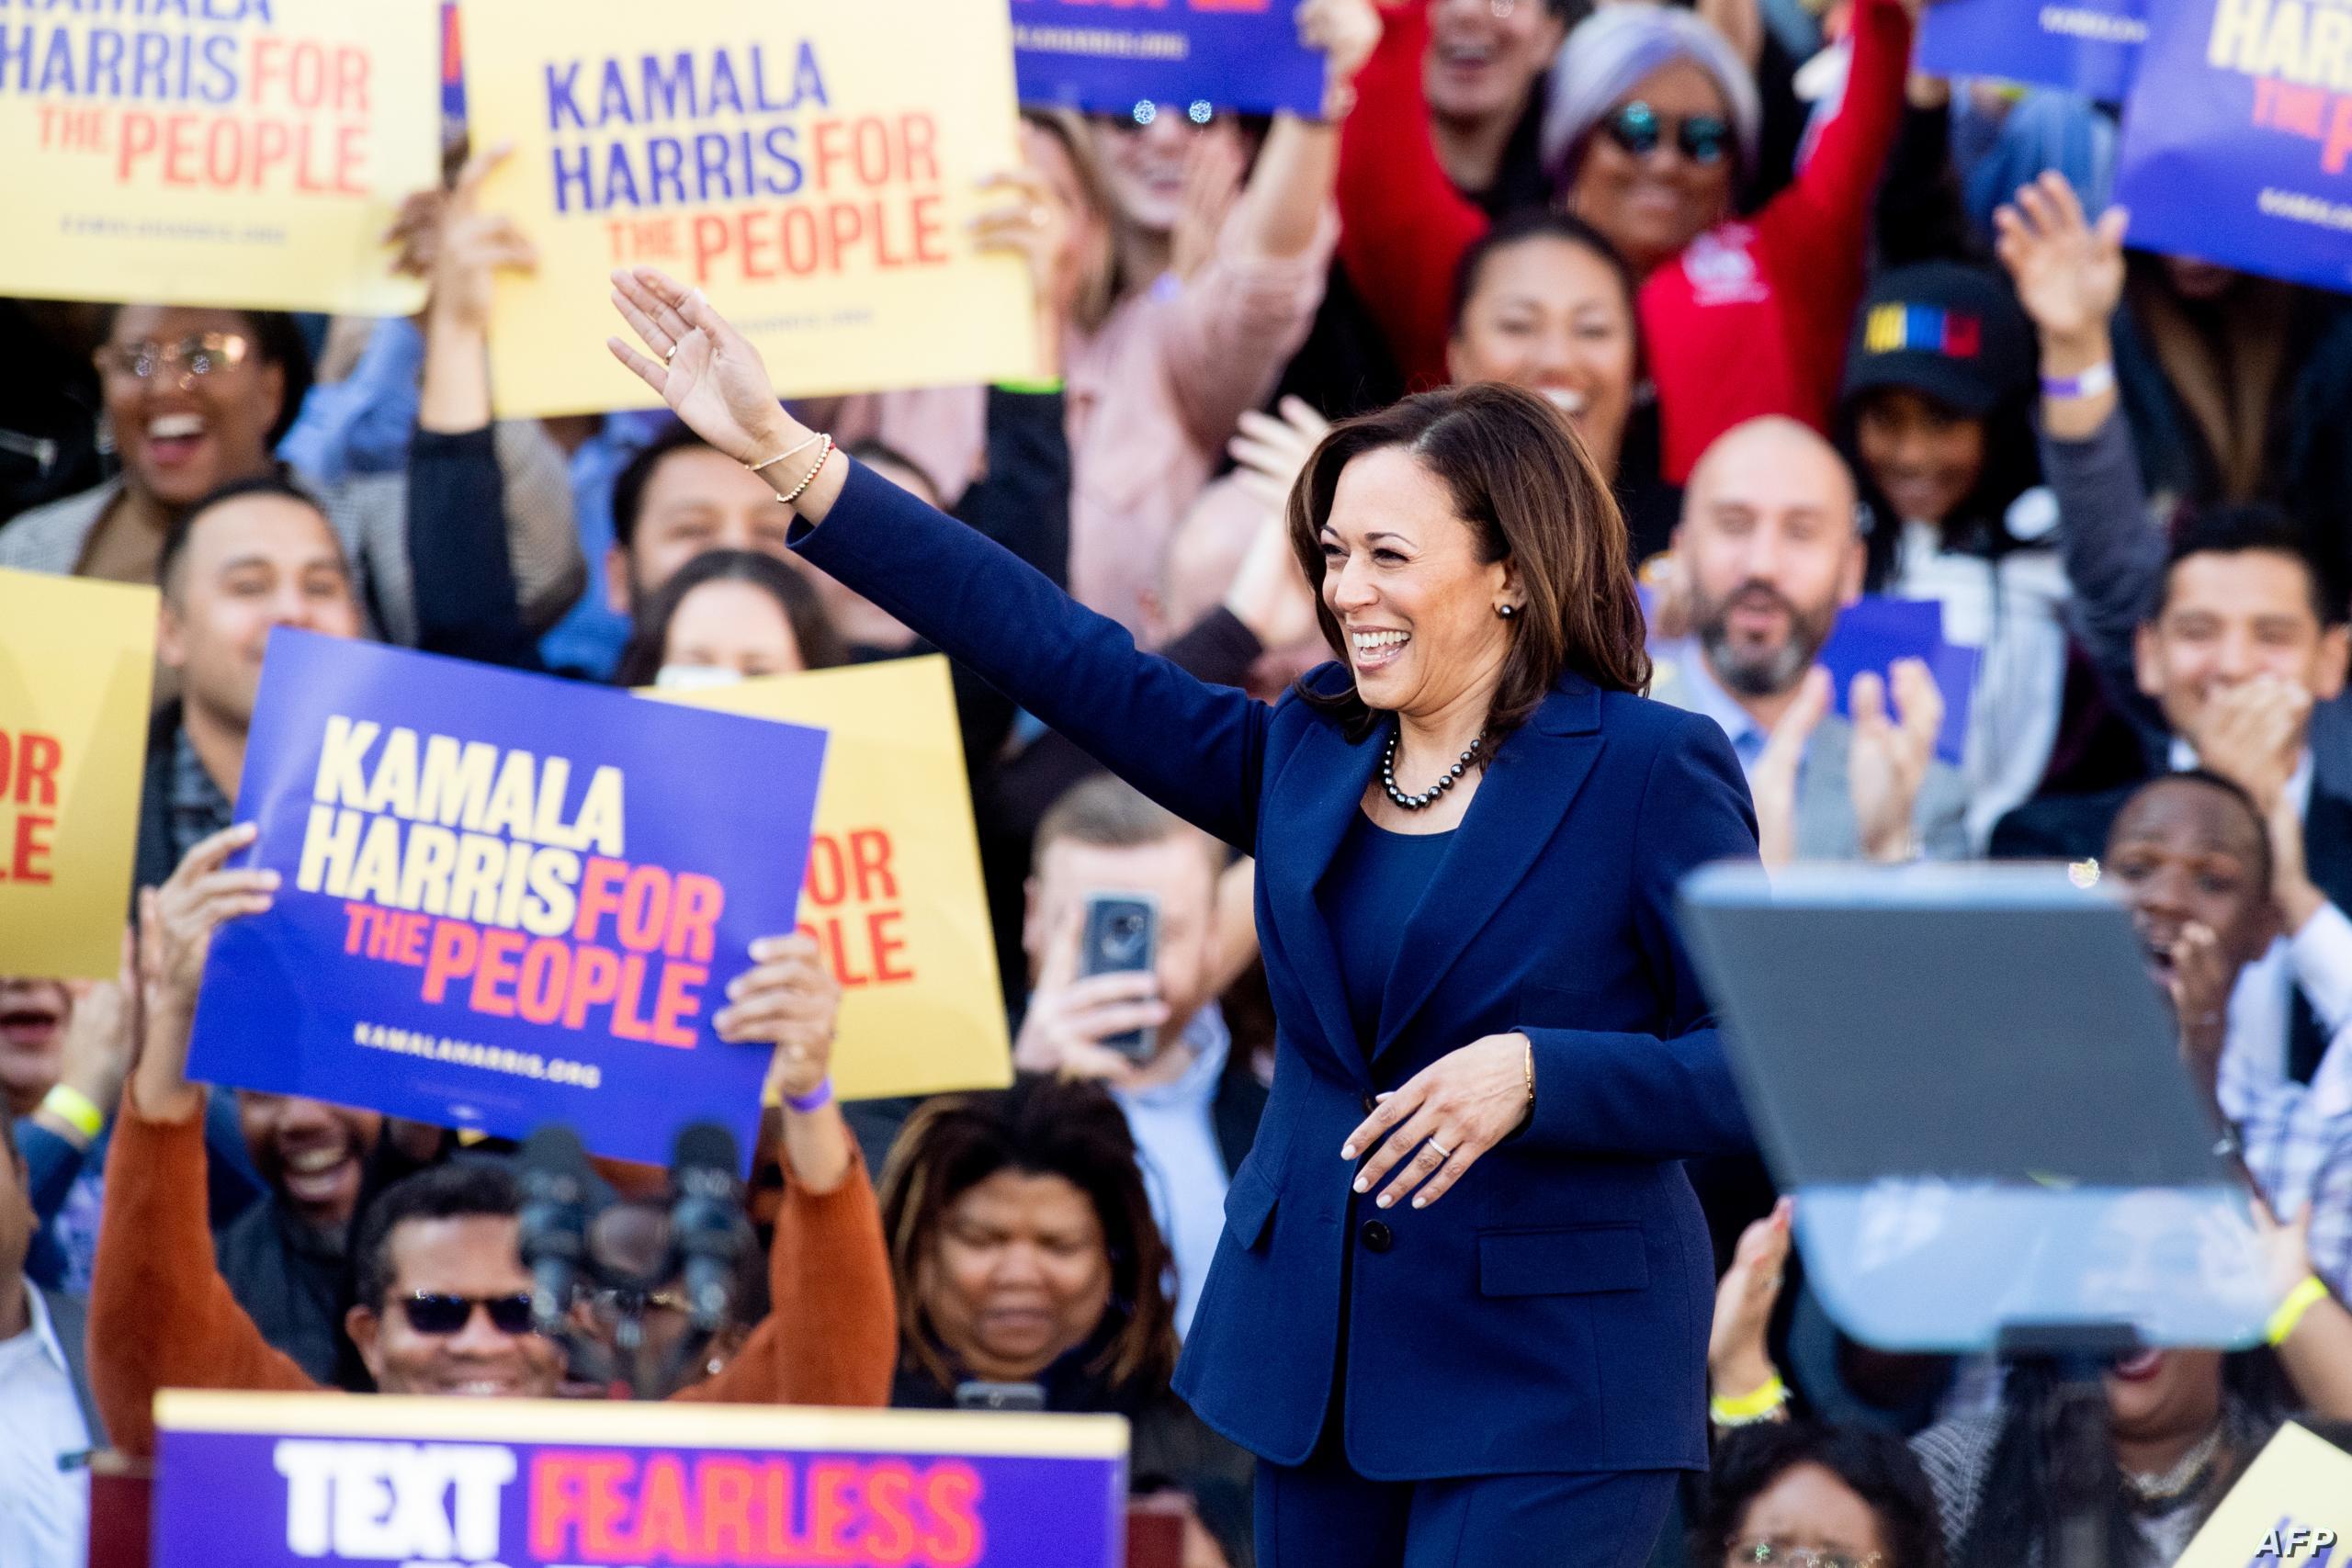 """السناتورة """"كامالا هاريس"""" يختارها """"جو بايدن"""" نائب رئيس في سباق الانتخابات الأميركية"""